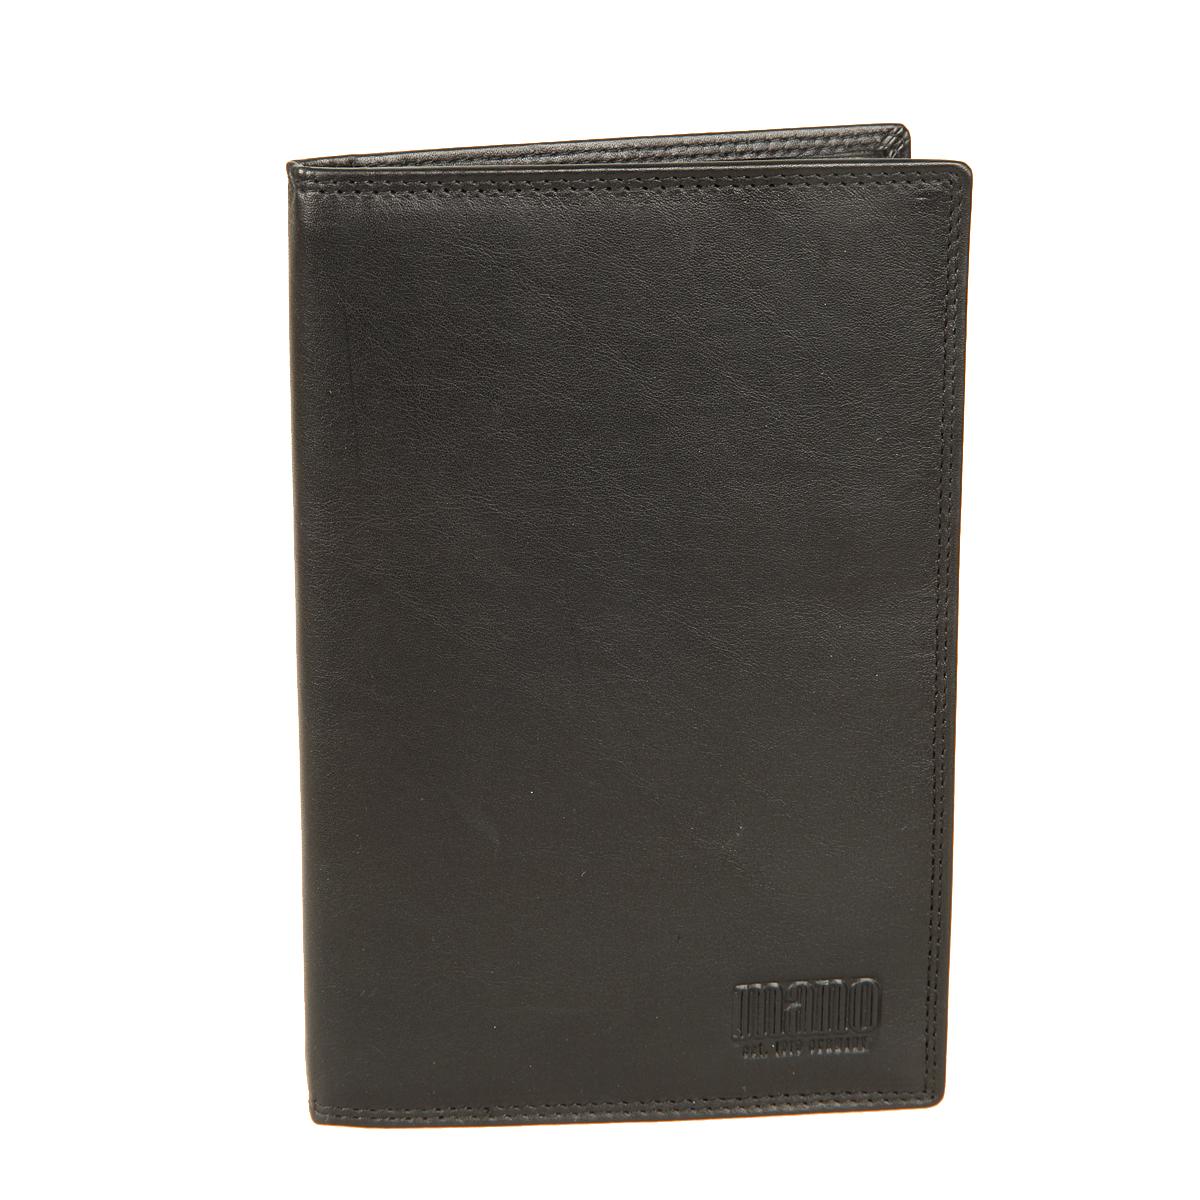 Портмоне Mano, цвет: черный. 1901119011 blackПортмоне Mano выполнено из высококачественной натуральной кожи. Модель раскладывается пополам. Внутри три больших потайных кармана, один из них на молнии, шестнадцать карманов для пластиковых карт. Отделение для монет находится внутри, в нем есть кармашек для sim-карты - закрывается на клапан с кнопкой. Это элегантное портмоне непременно дополнит ваш образ и порадует простотой, стилем и функциональностью.